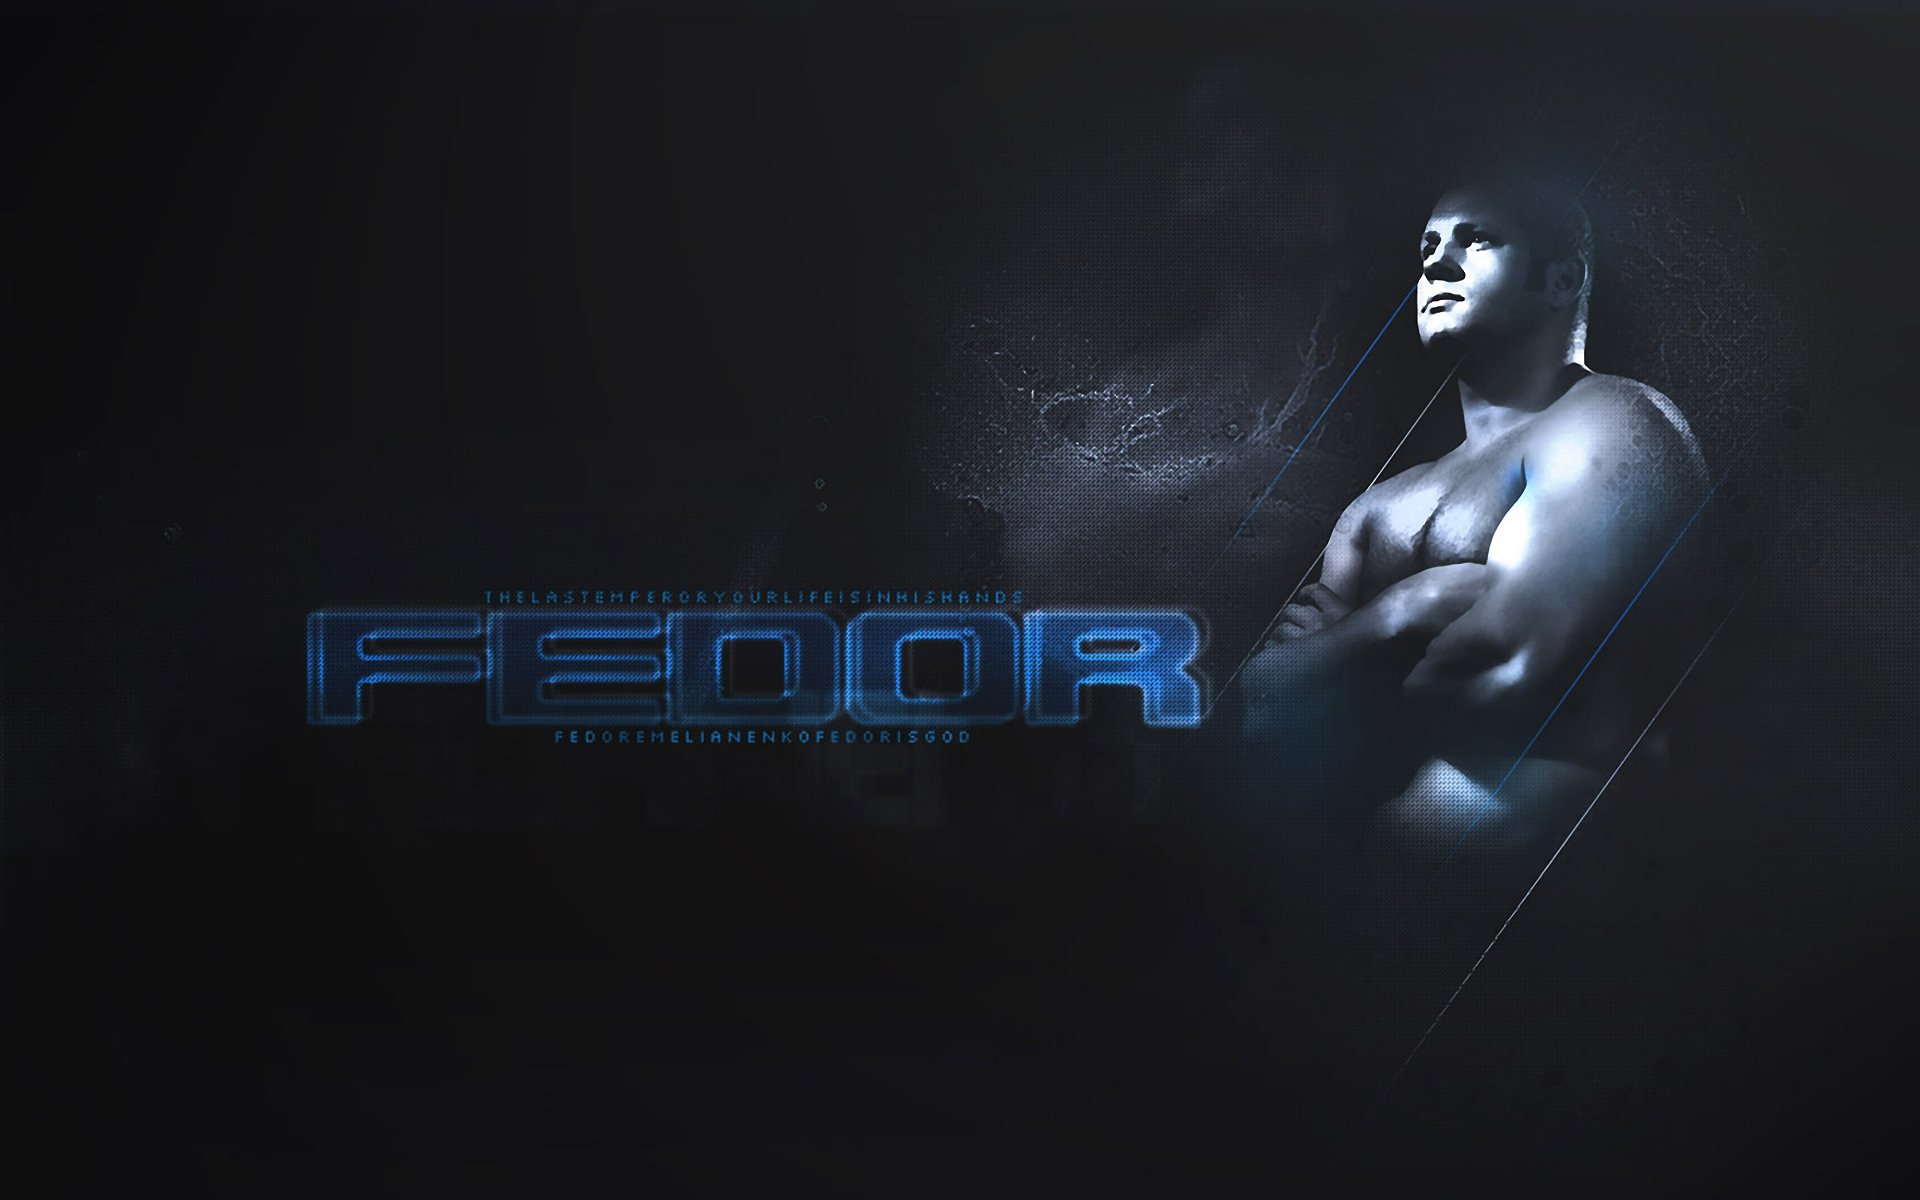 fedor emelianenko full hd wallpaper and background image